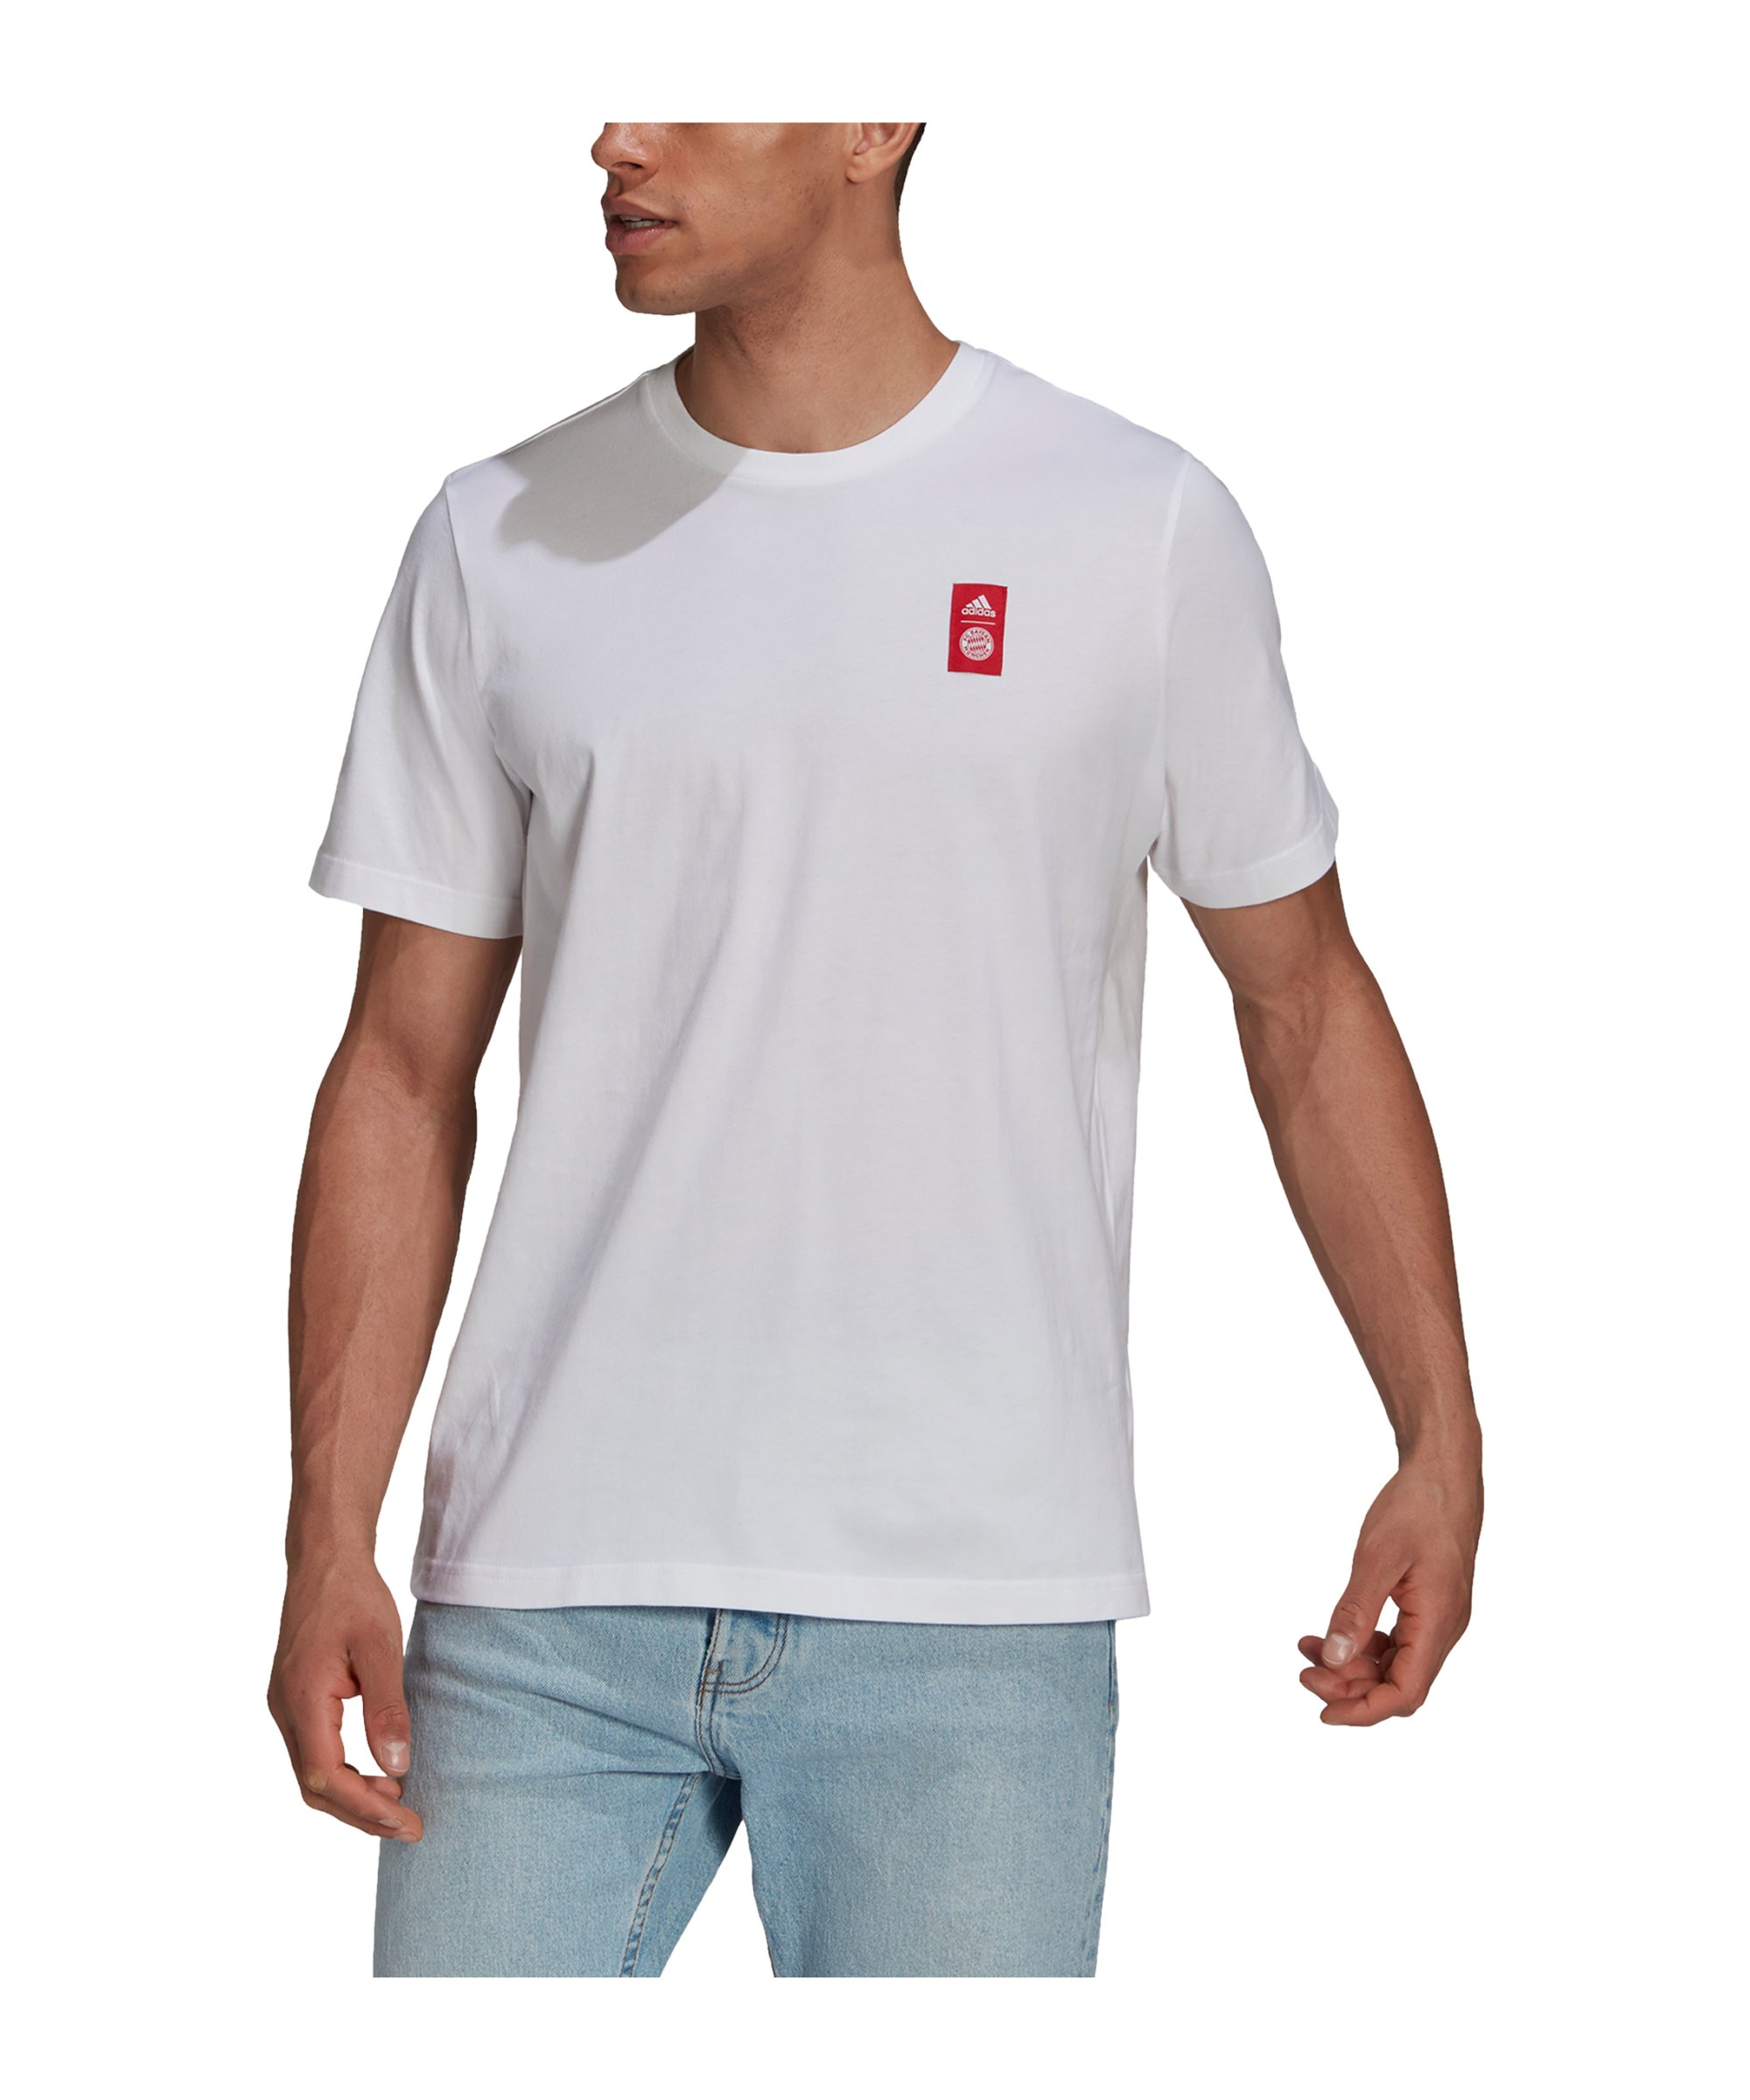 adidas FC Bayern München Street T-Shirt Weiss - weiss